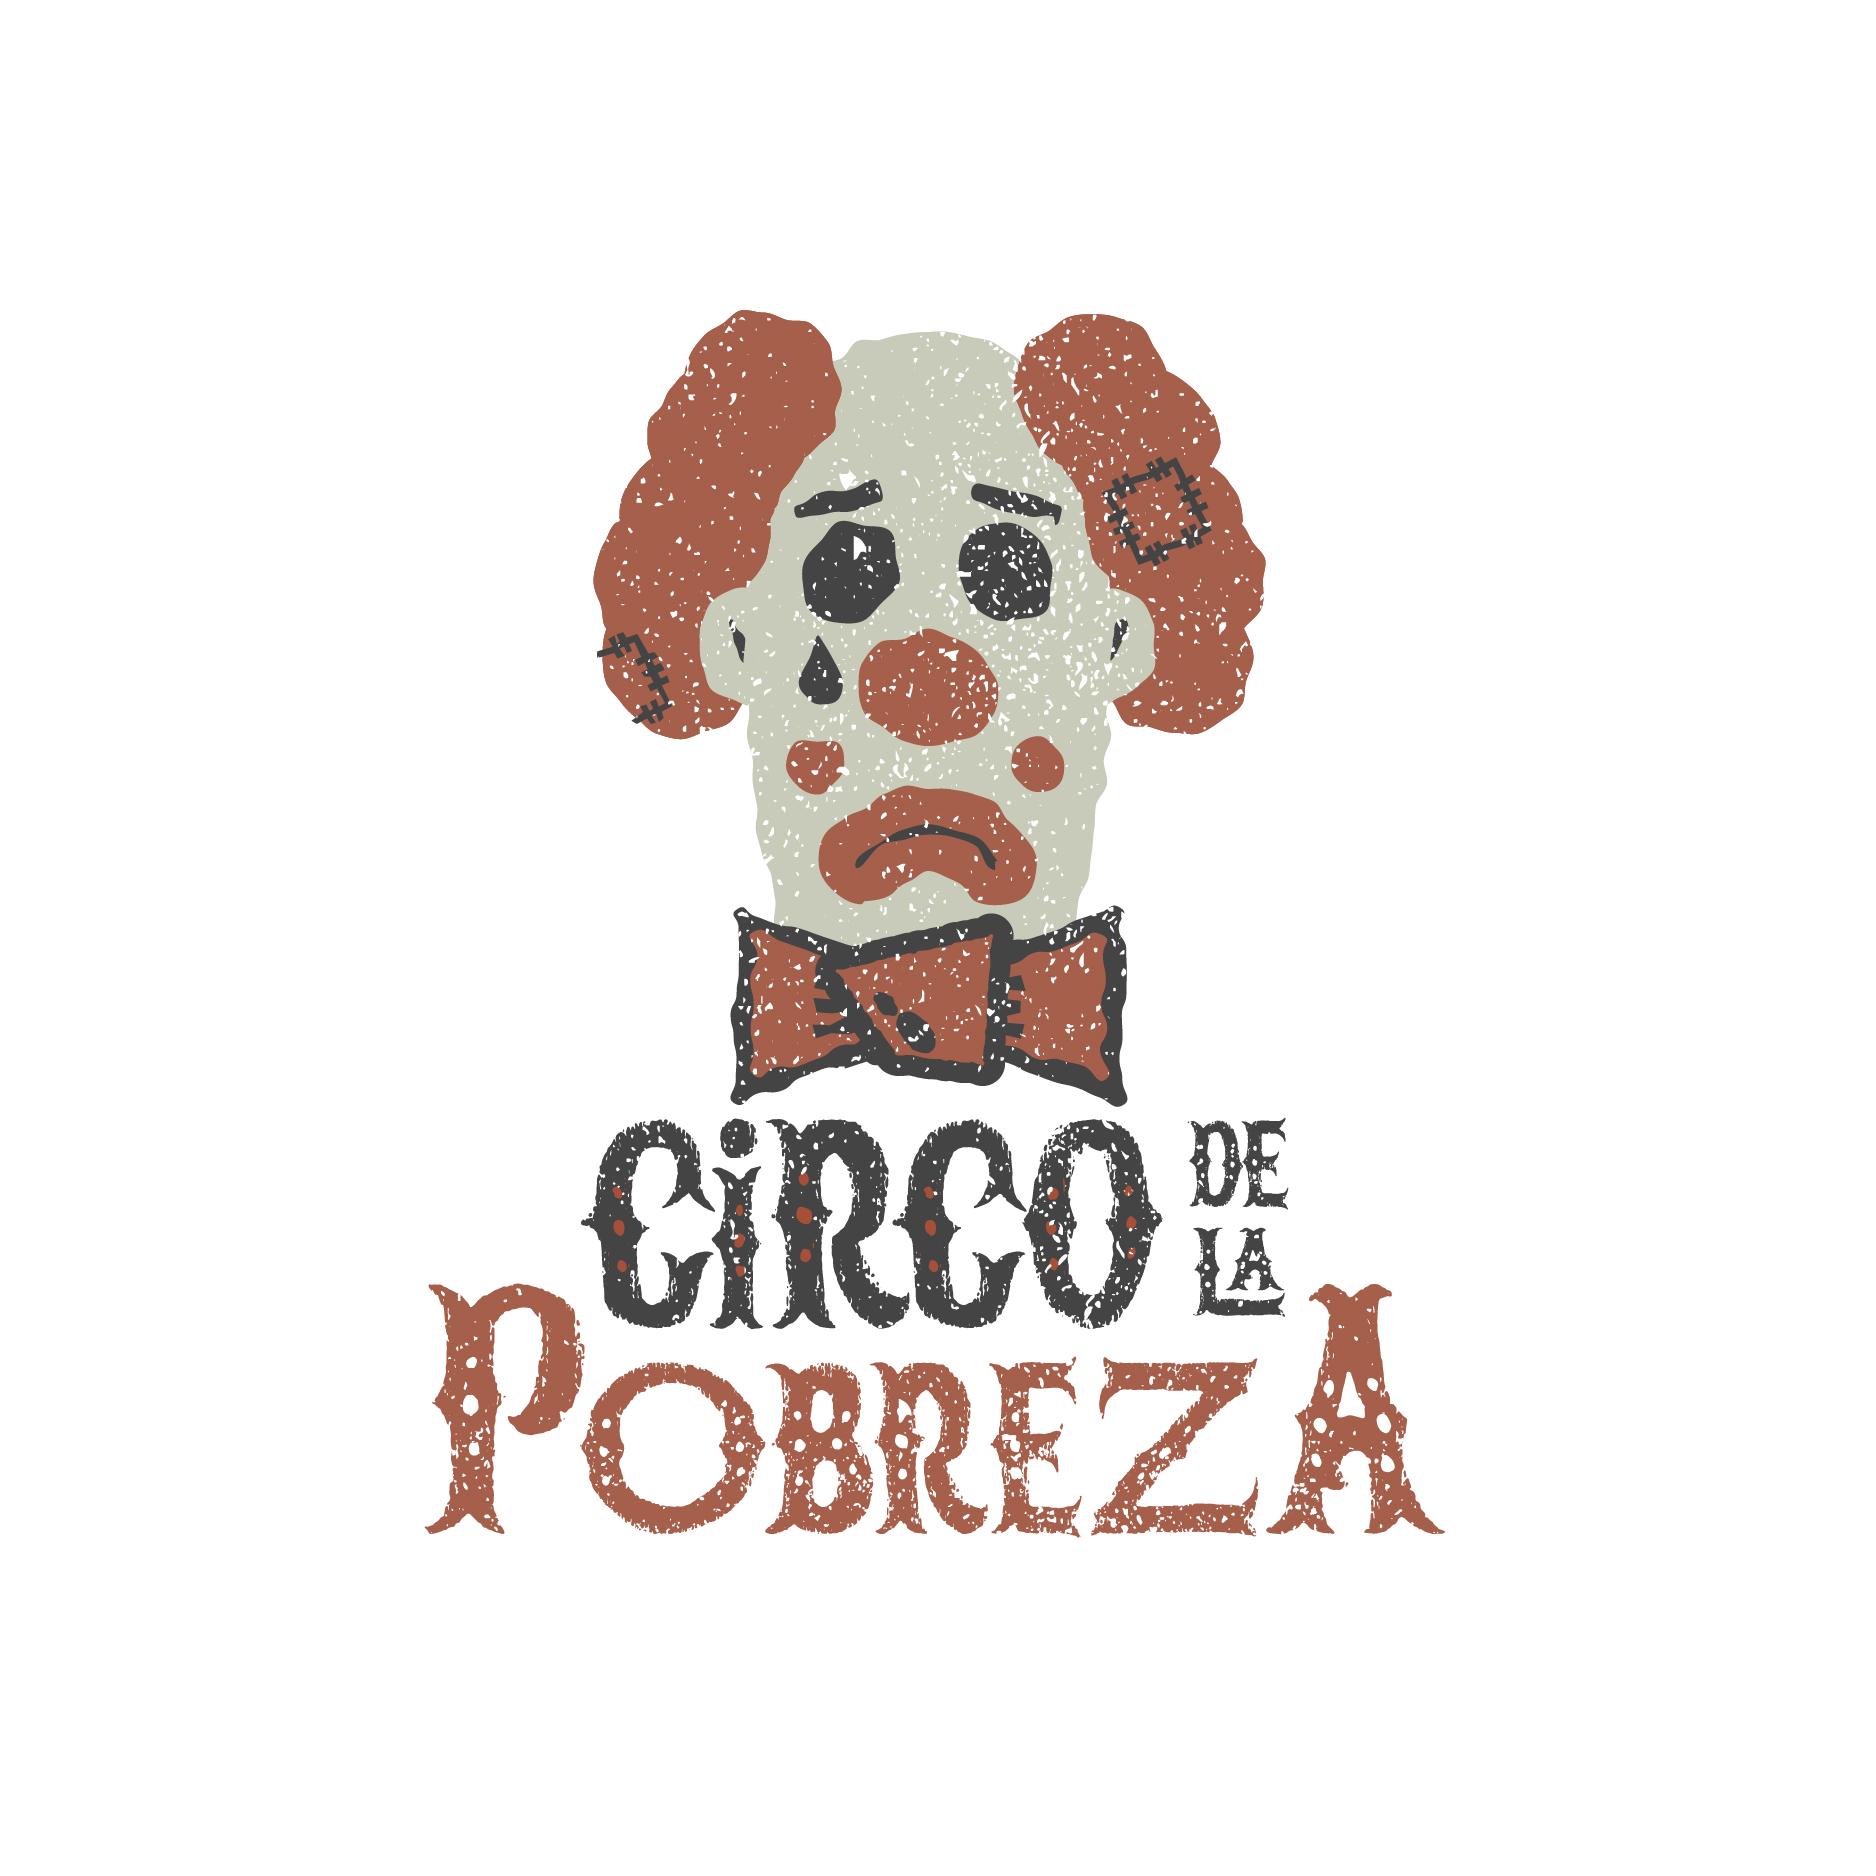 Circo de la pobreza